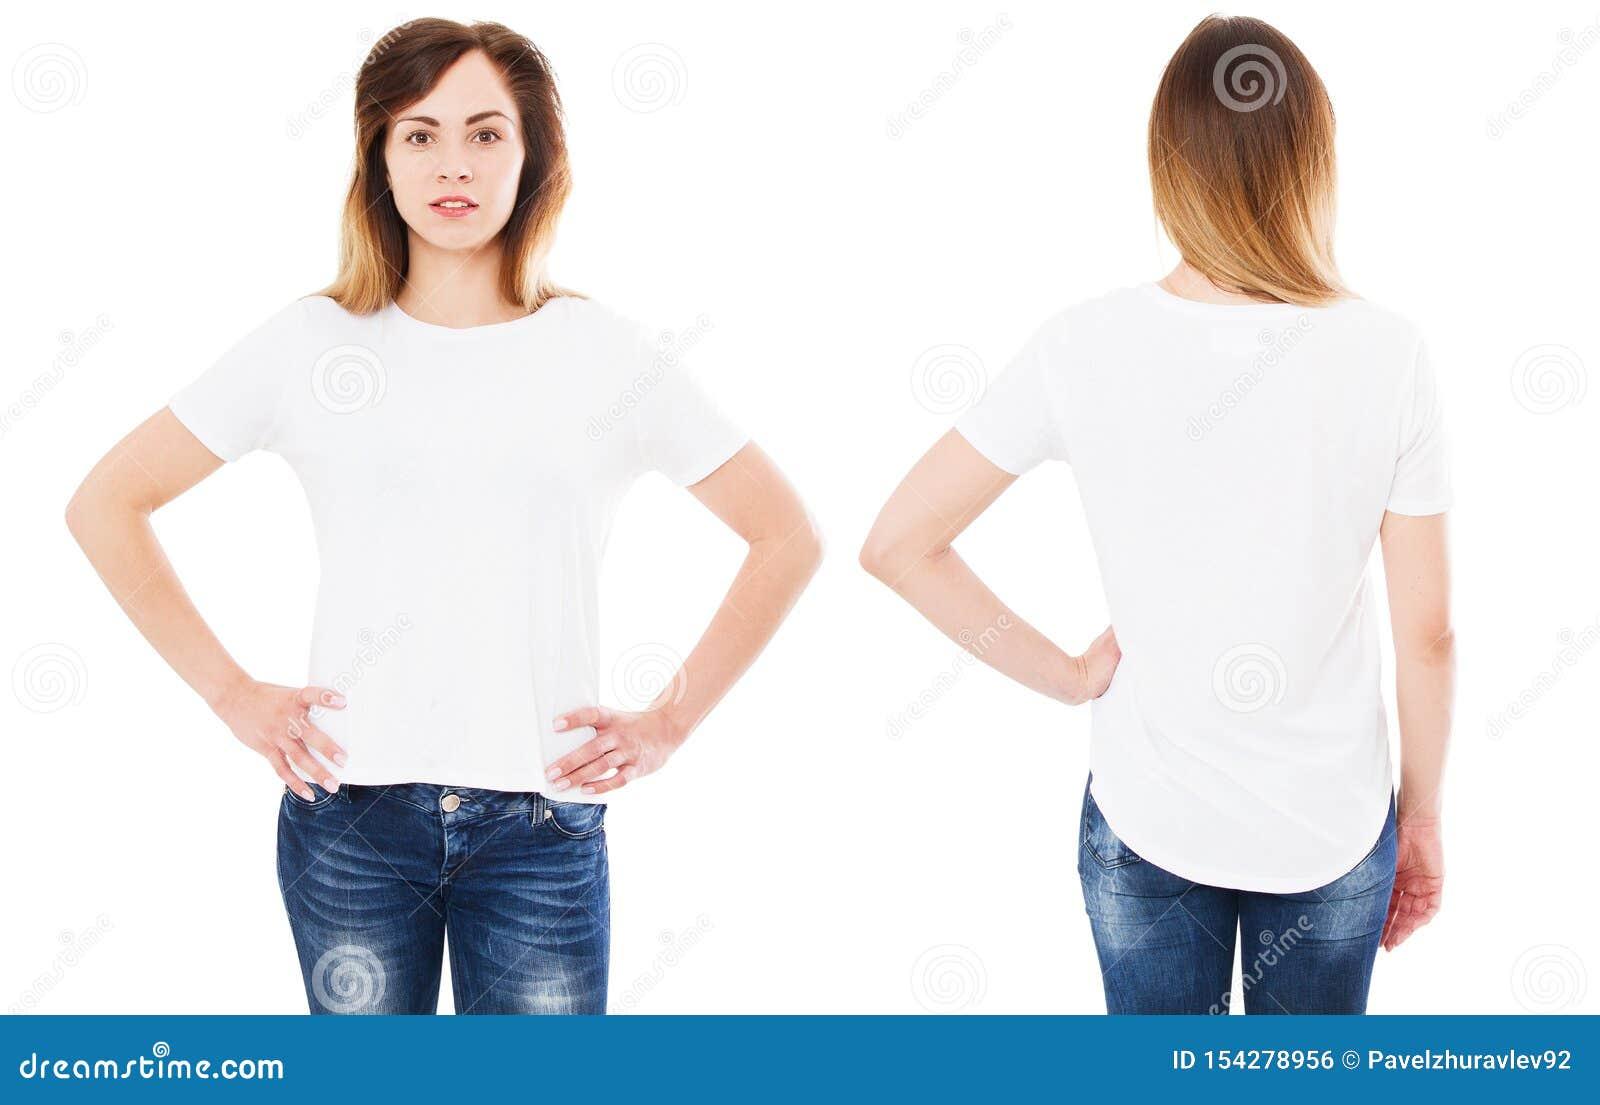 Девушка в наборе футболки на белой изолированной предпосылке, футболке лета, пустой